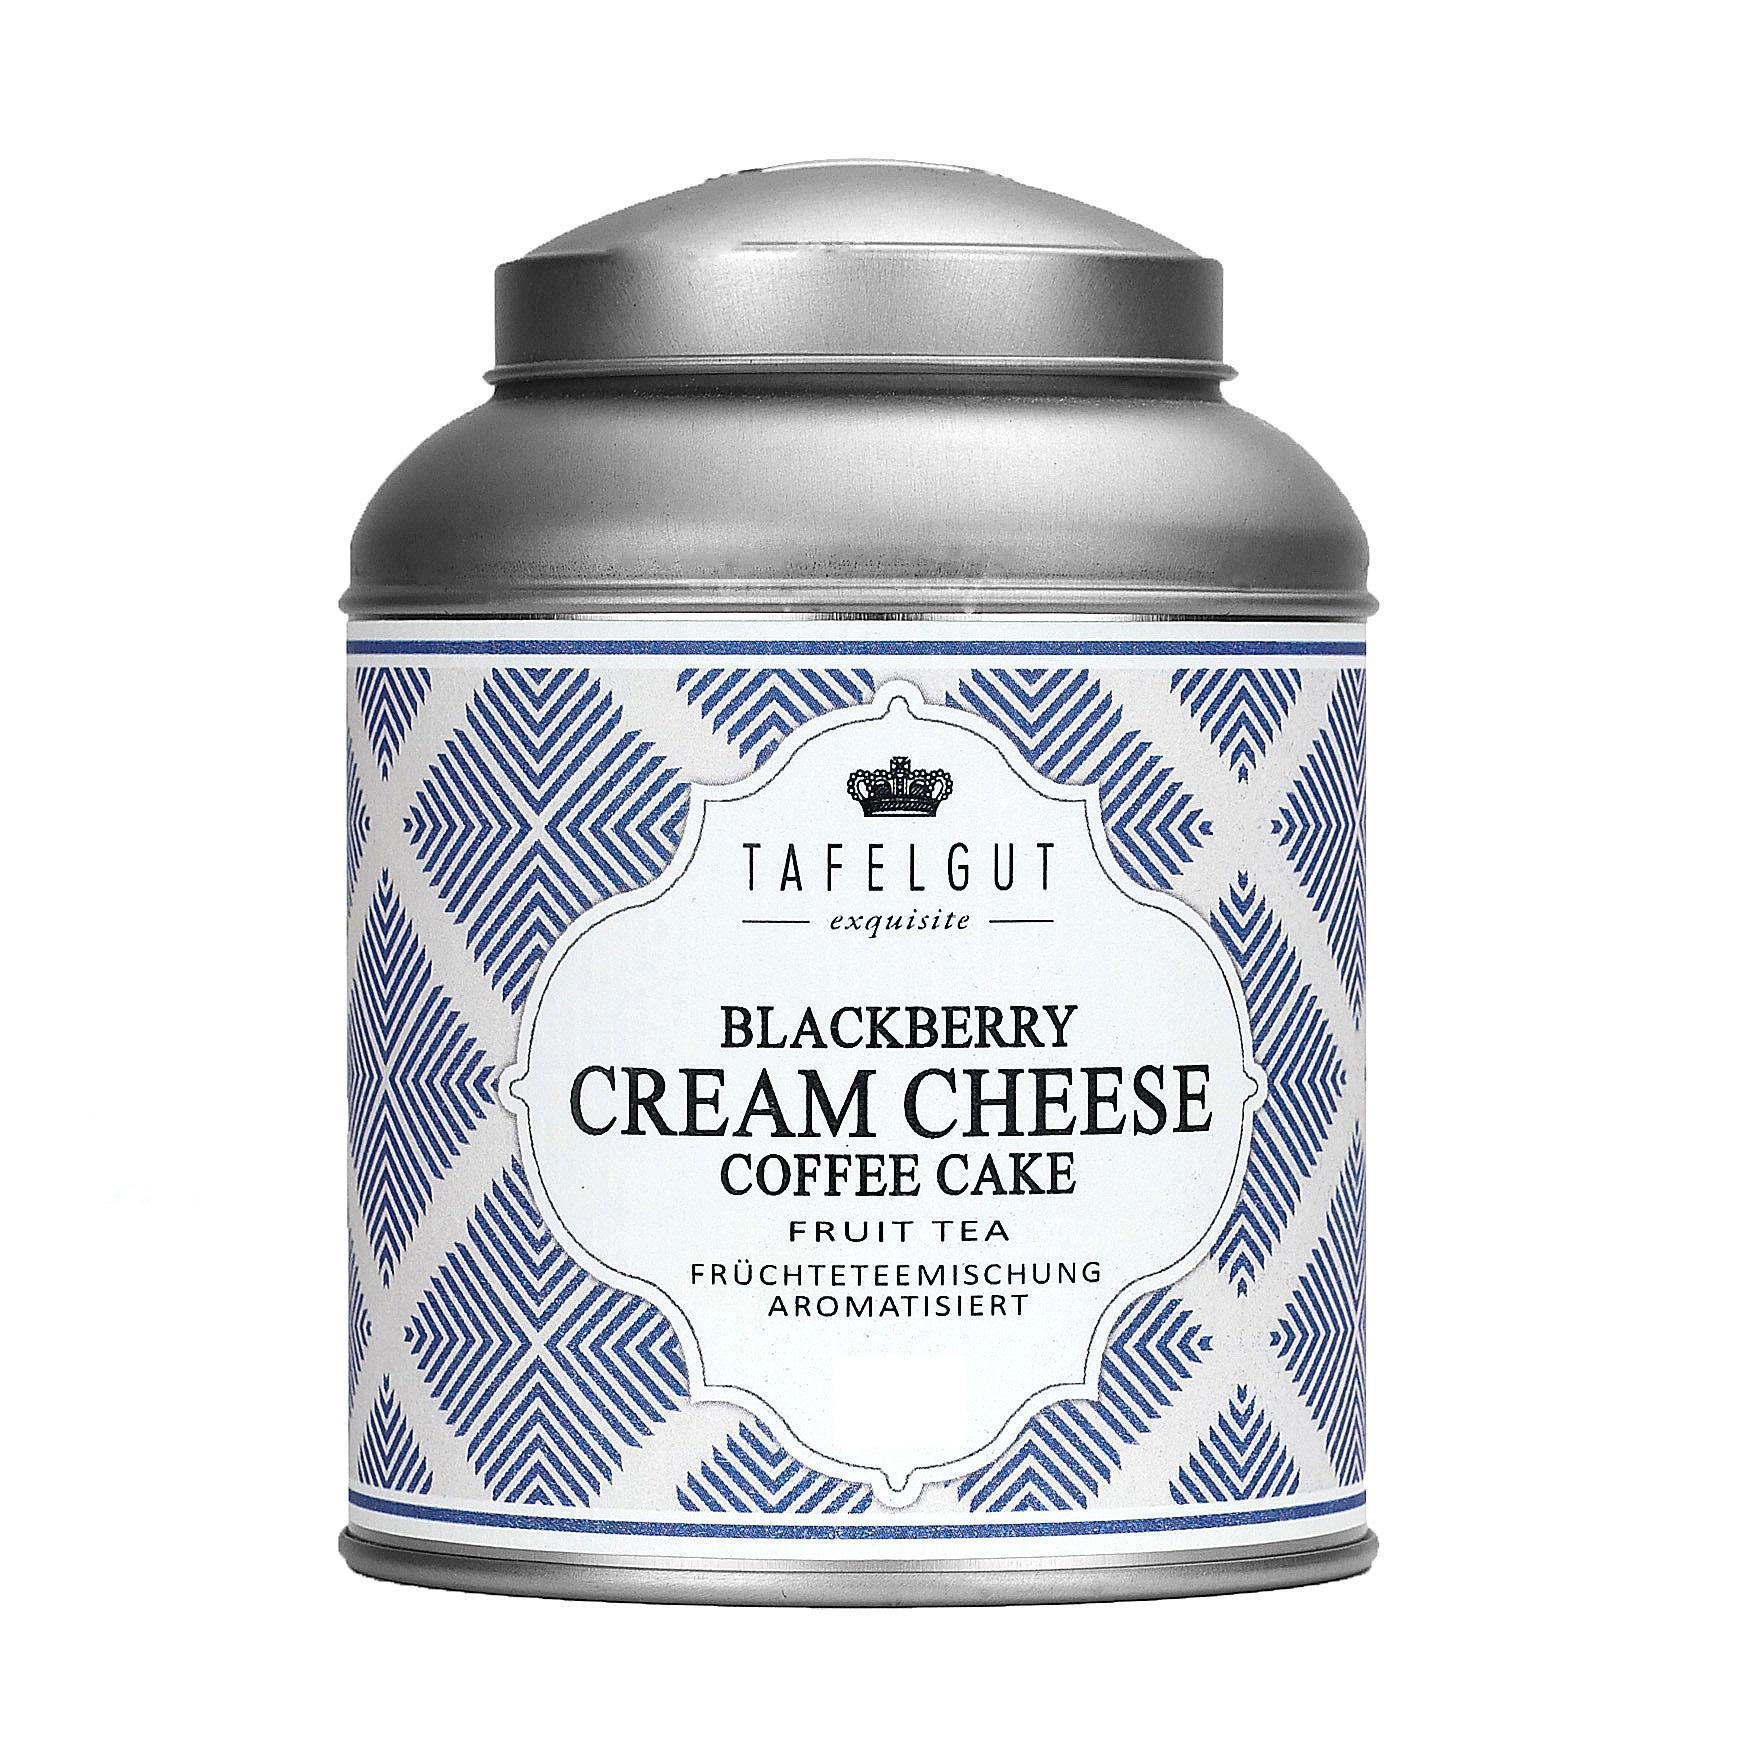 TAFELGUT Mini ovocný čaj Cream cheese - 45gr, modrá barva, kov